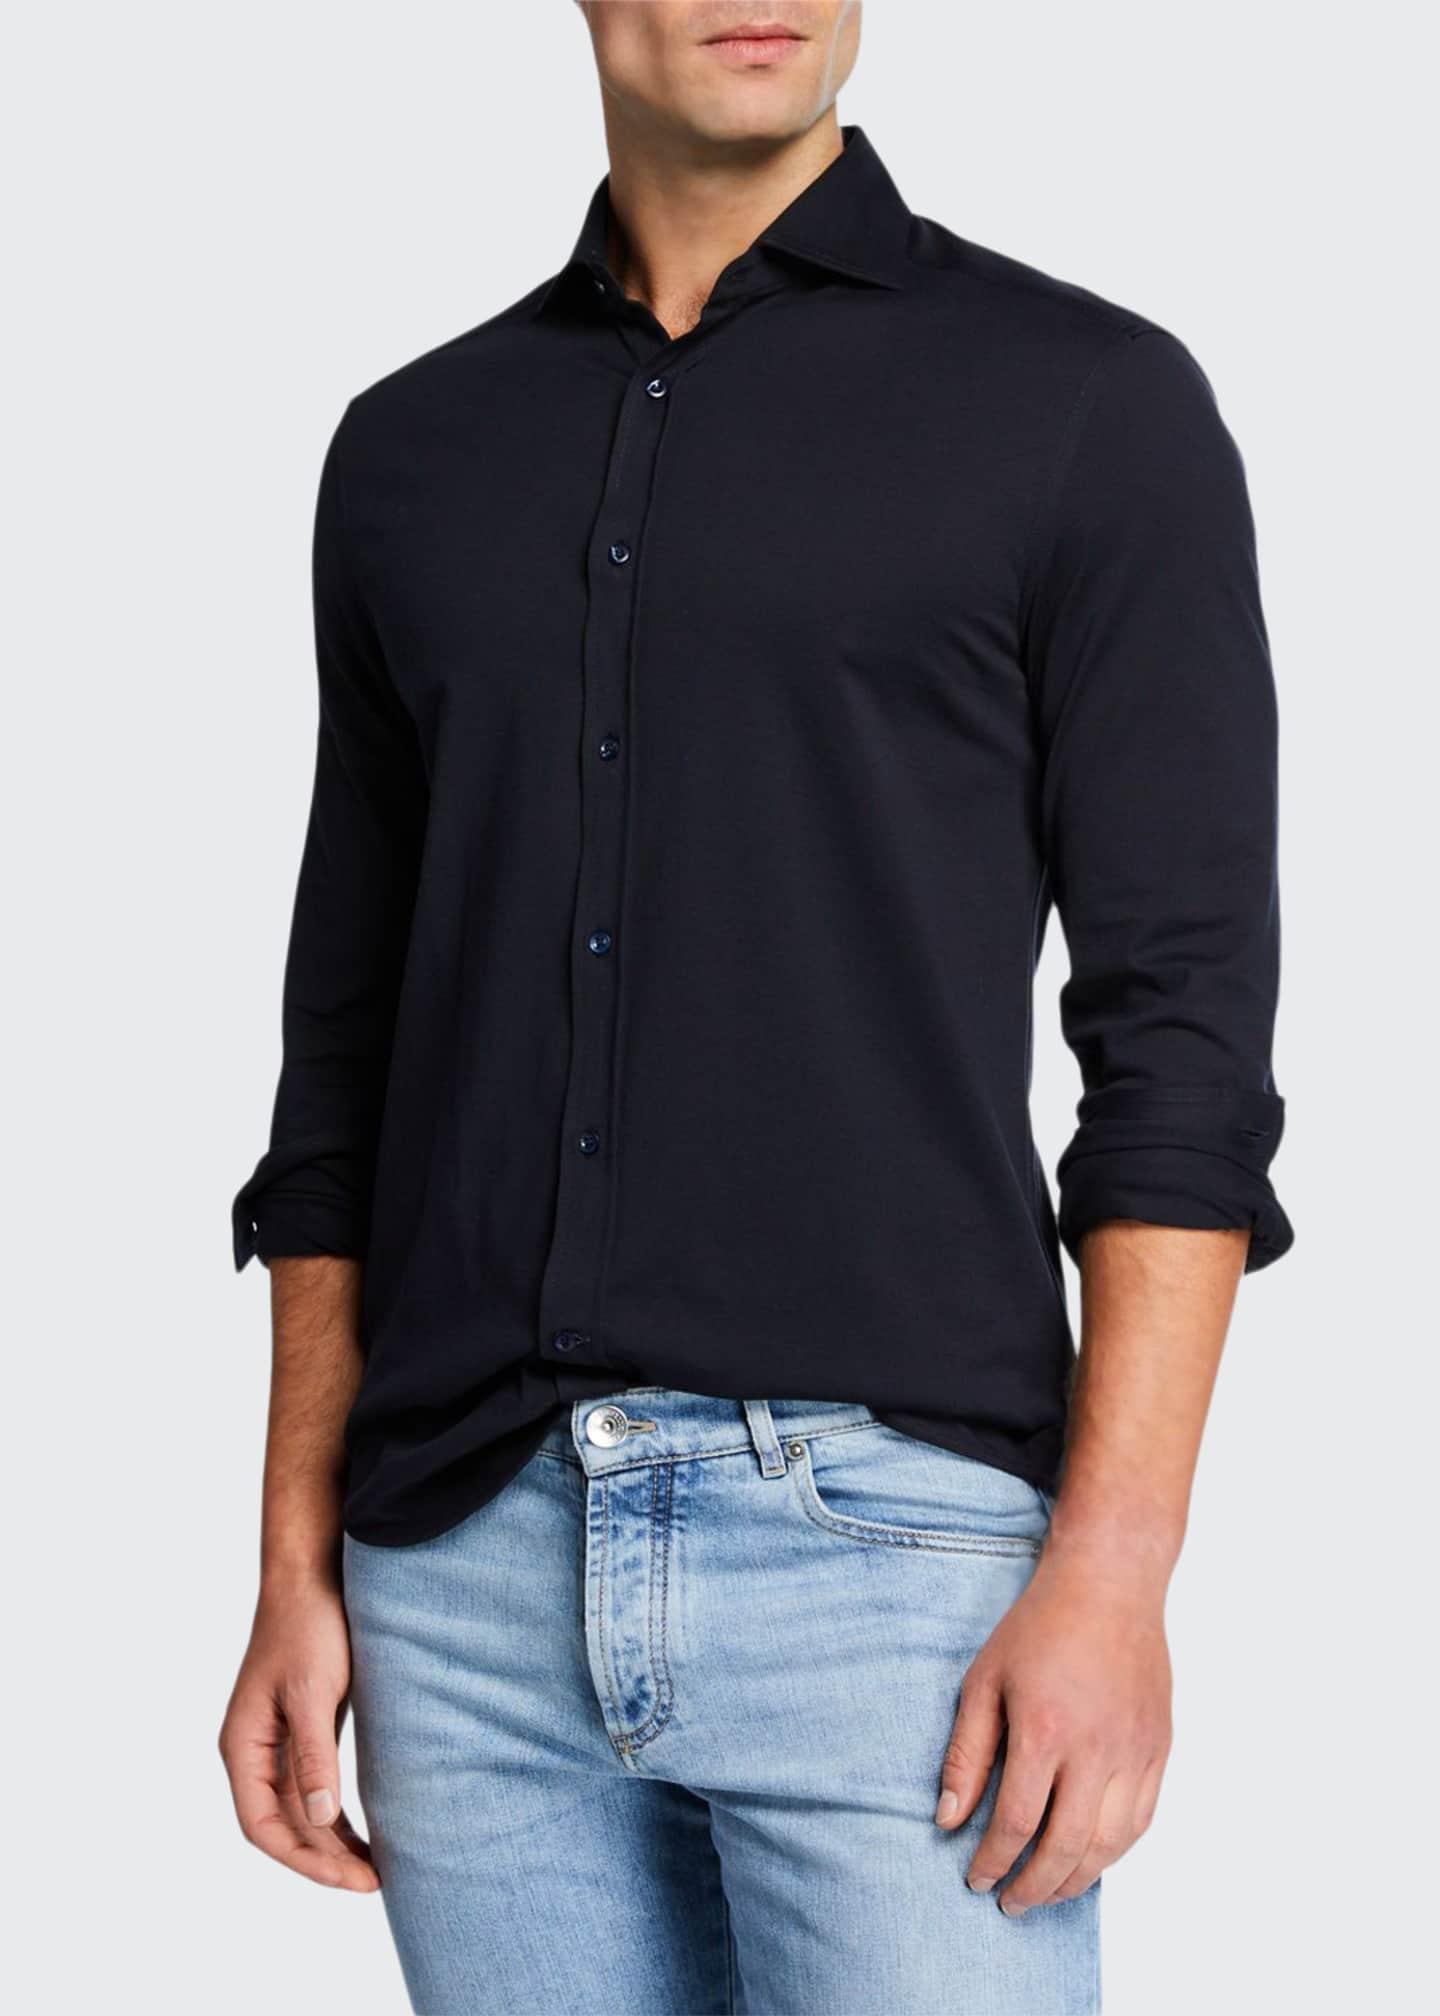 Brunello Cucinelli Men's Jersey Knit Sport Shirt